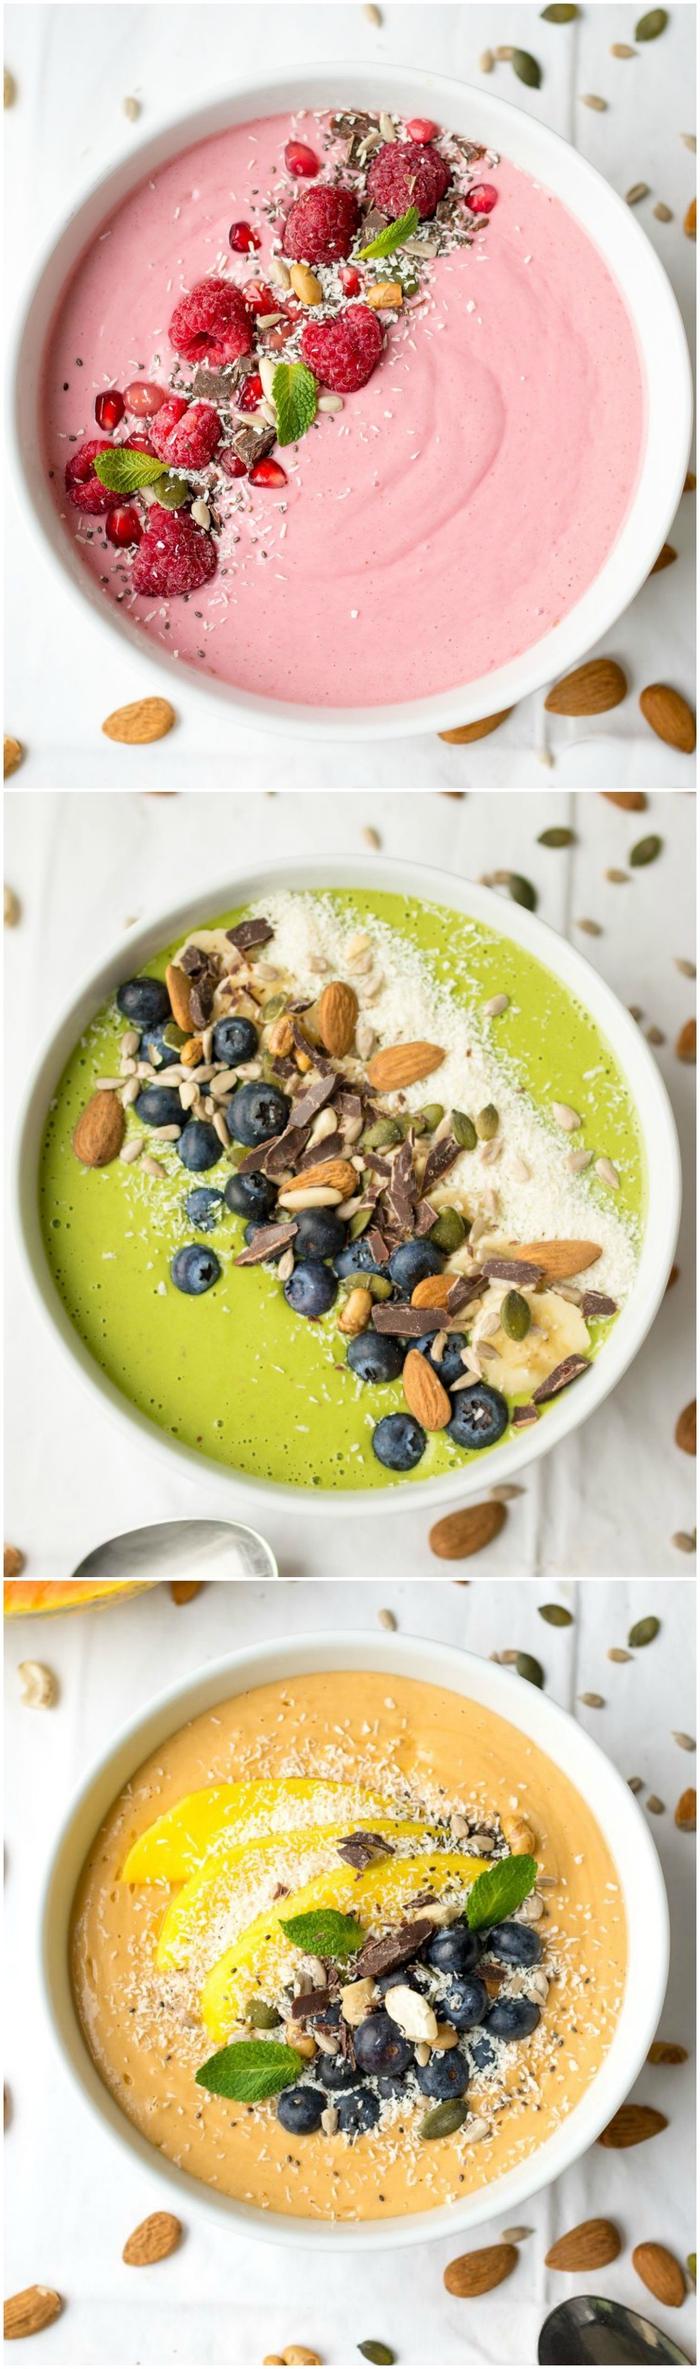 idée pour un petit-déjeuner saté et minceur à base de fruits mixés, smoothie bowl recette de base à trois saveurs